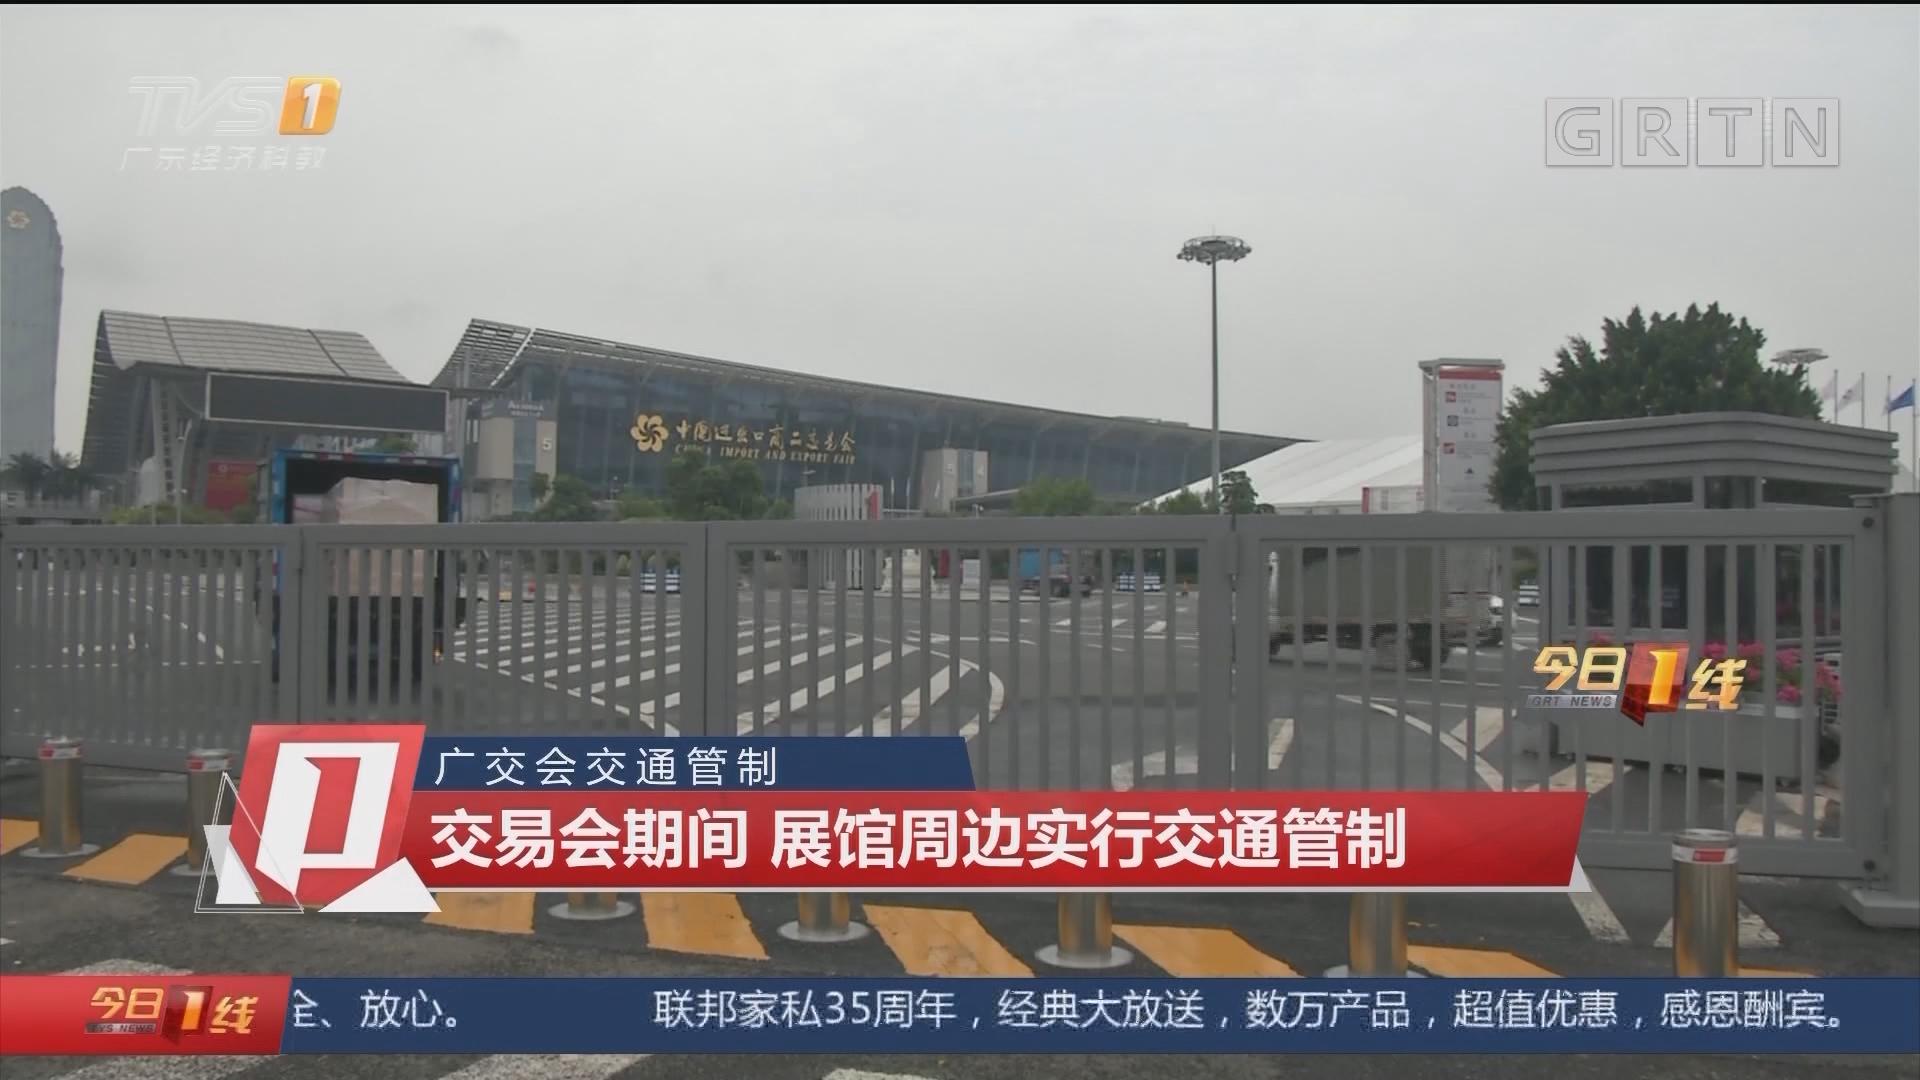 广交会交通管制:交易会期间 展馆周边实行交通管制